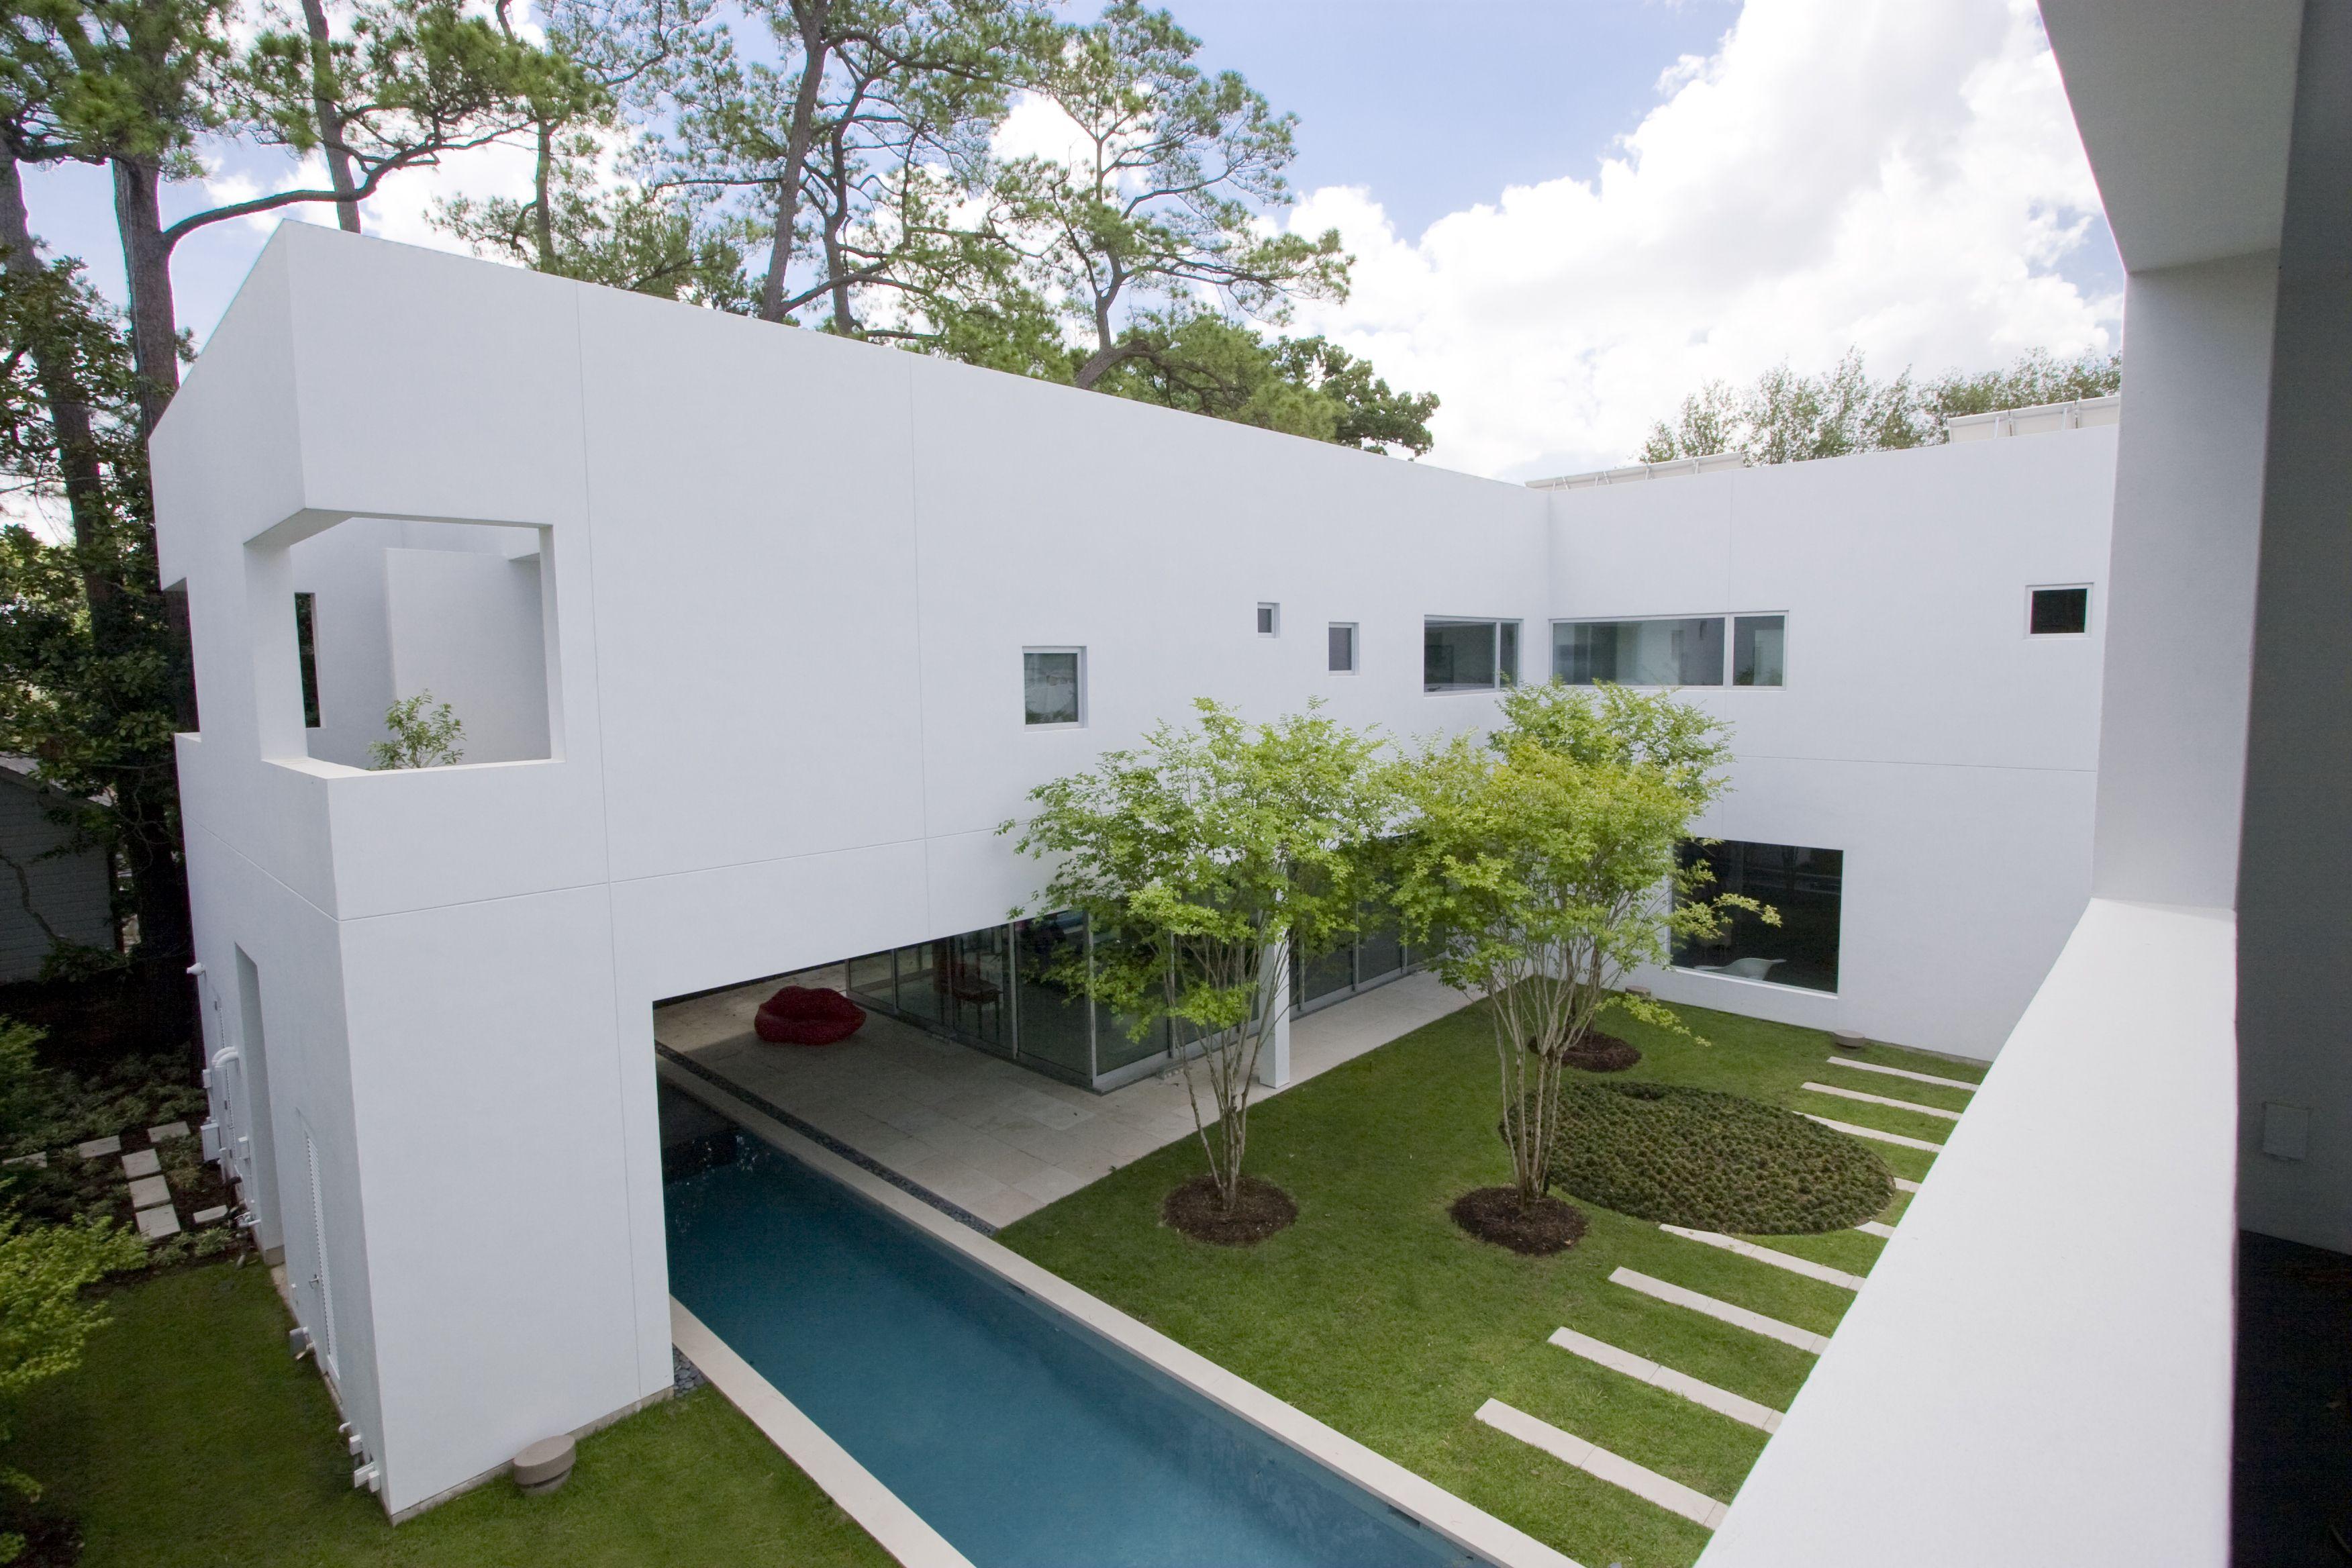 Architecture : 5 15 08 024 Marvellous Minimalist Landscape ...